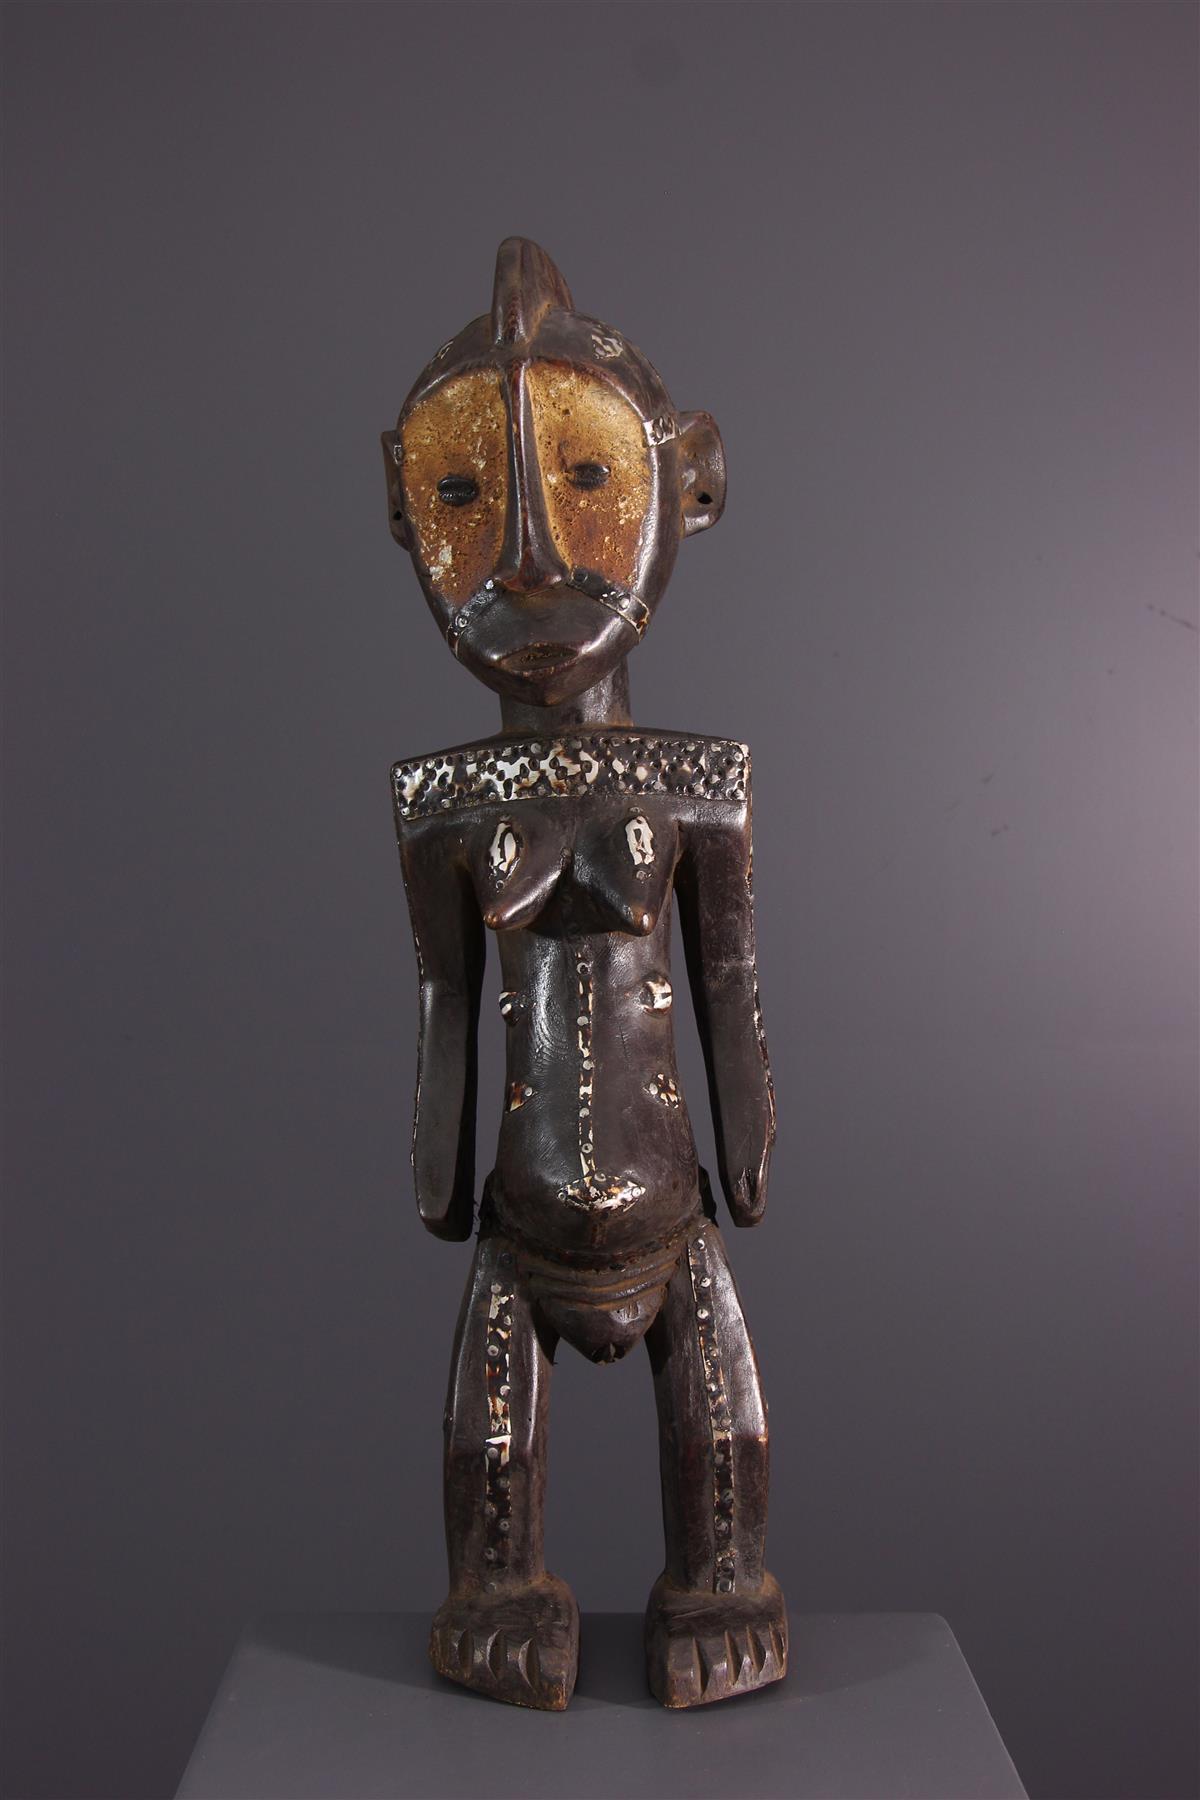 Ngbaka standbeeld - Afrikaanse kunst